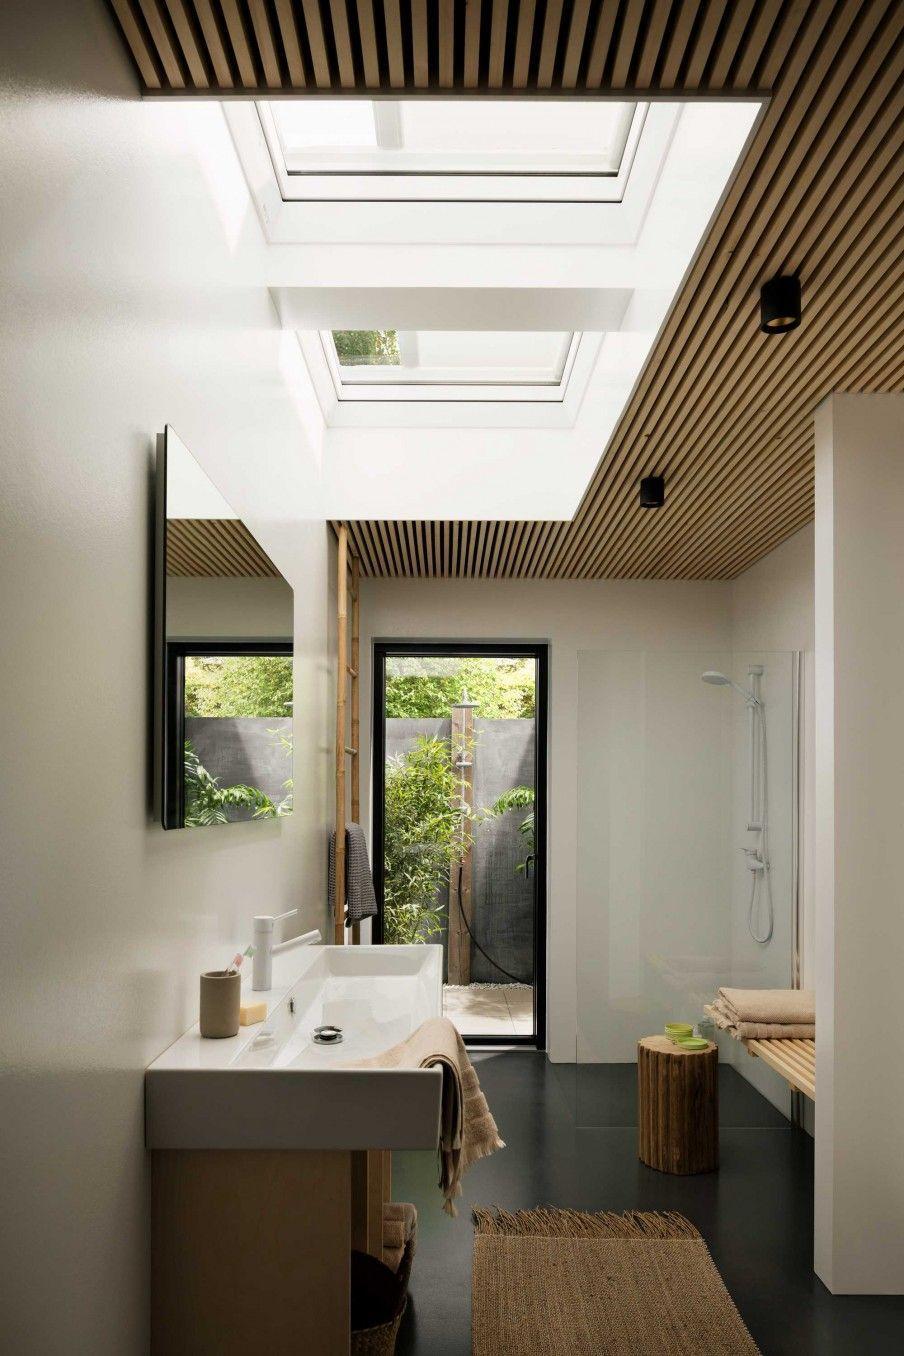 badkamer-dakvenster-velux #PlasticRoofingIdeas | Dorm Roofing Ideas ...